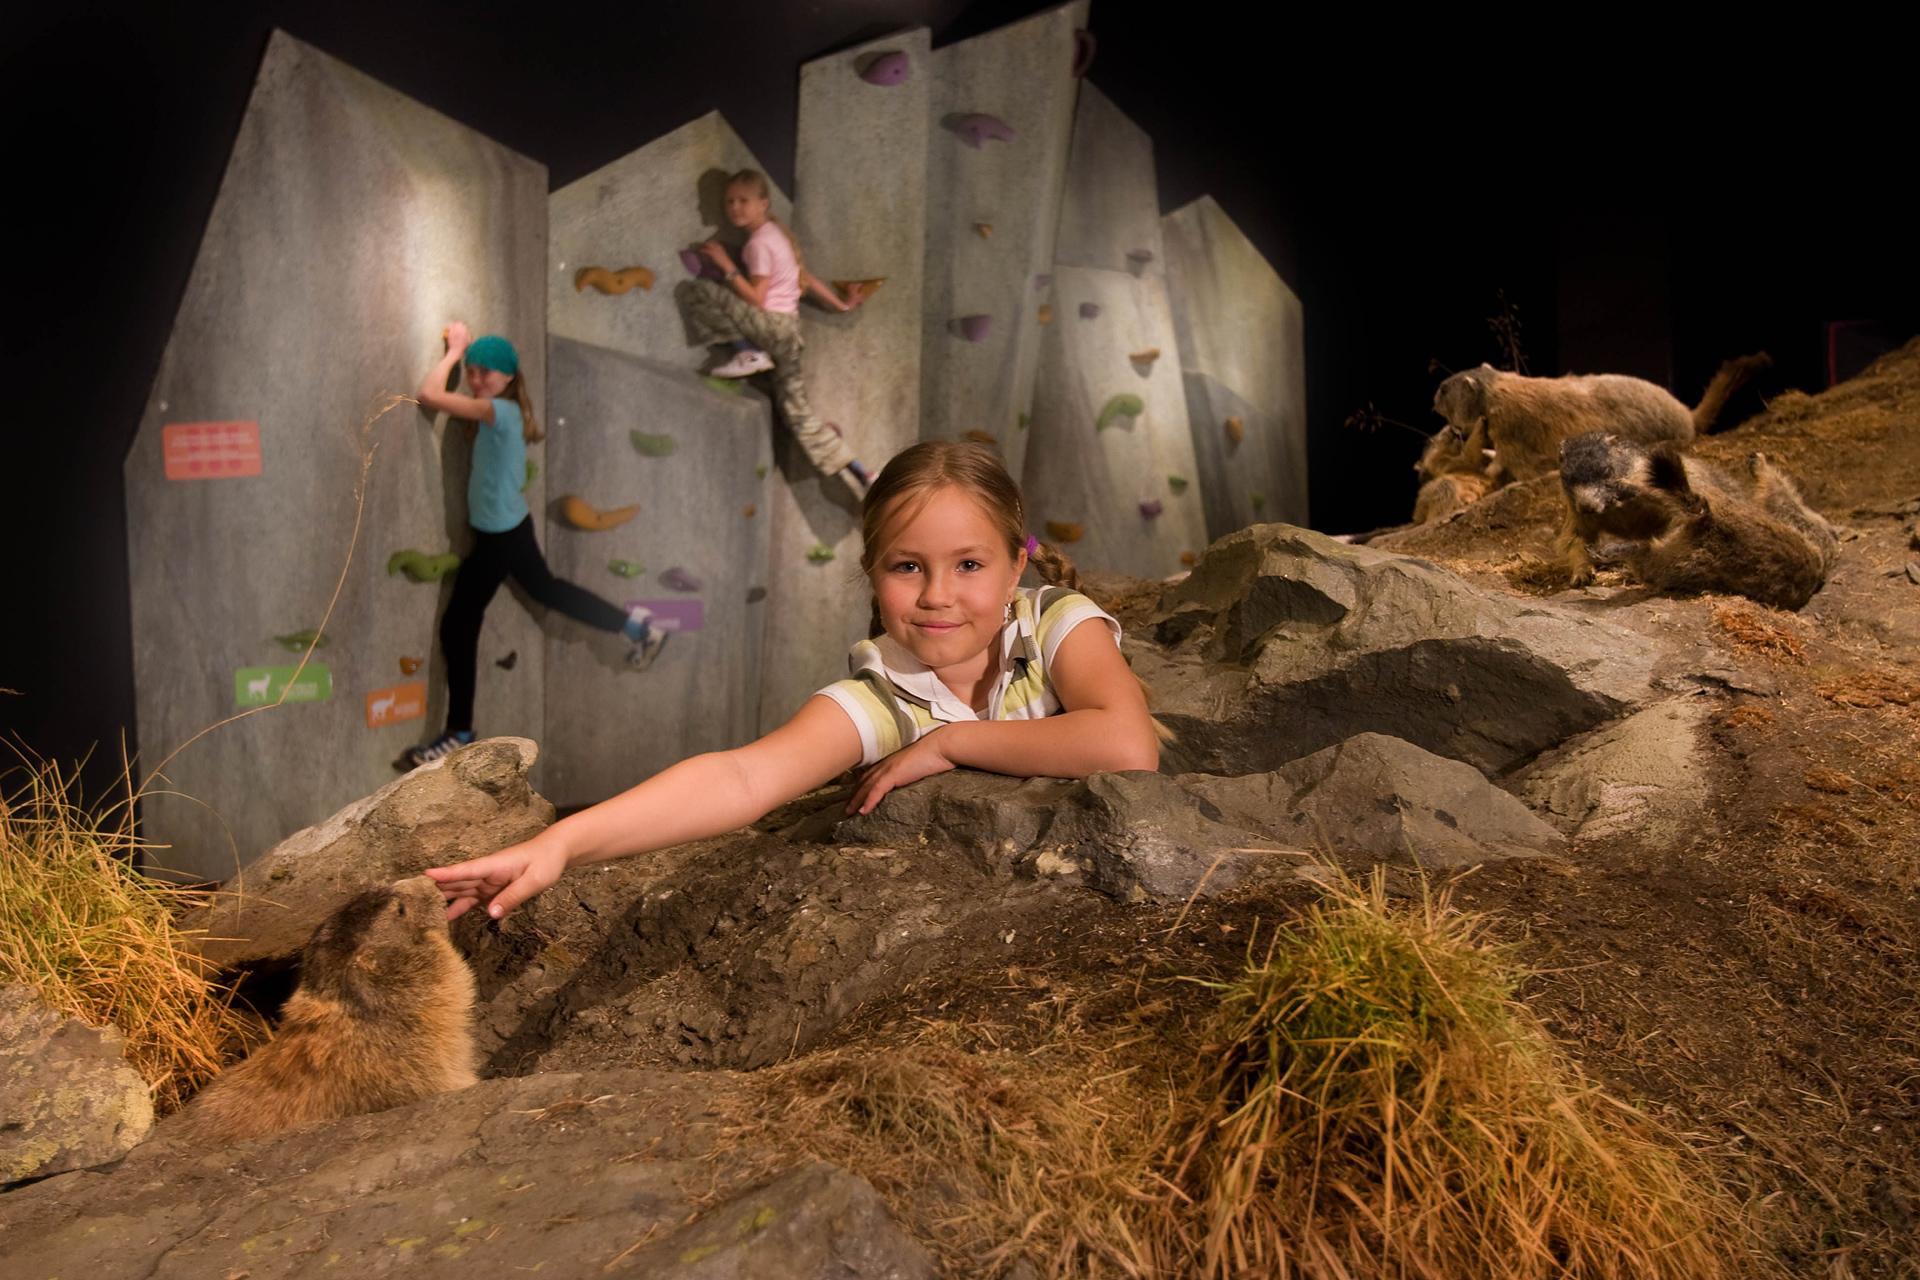 Kinder im überdimensionaklen Murmeltierbau, im Hintergrund eine Kletterwand